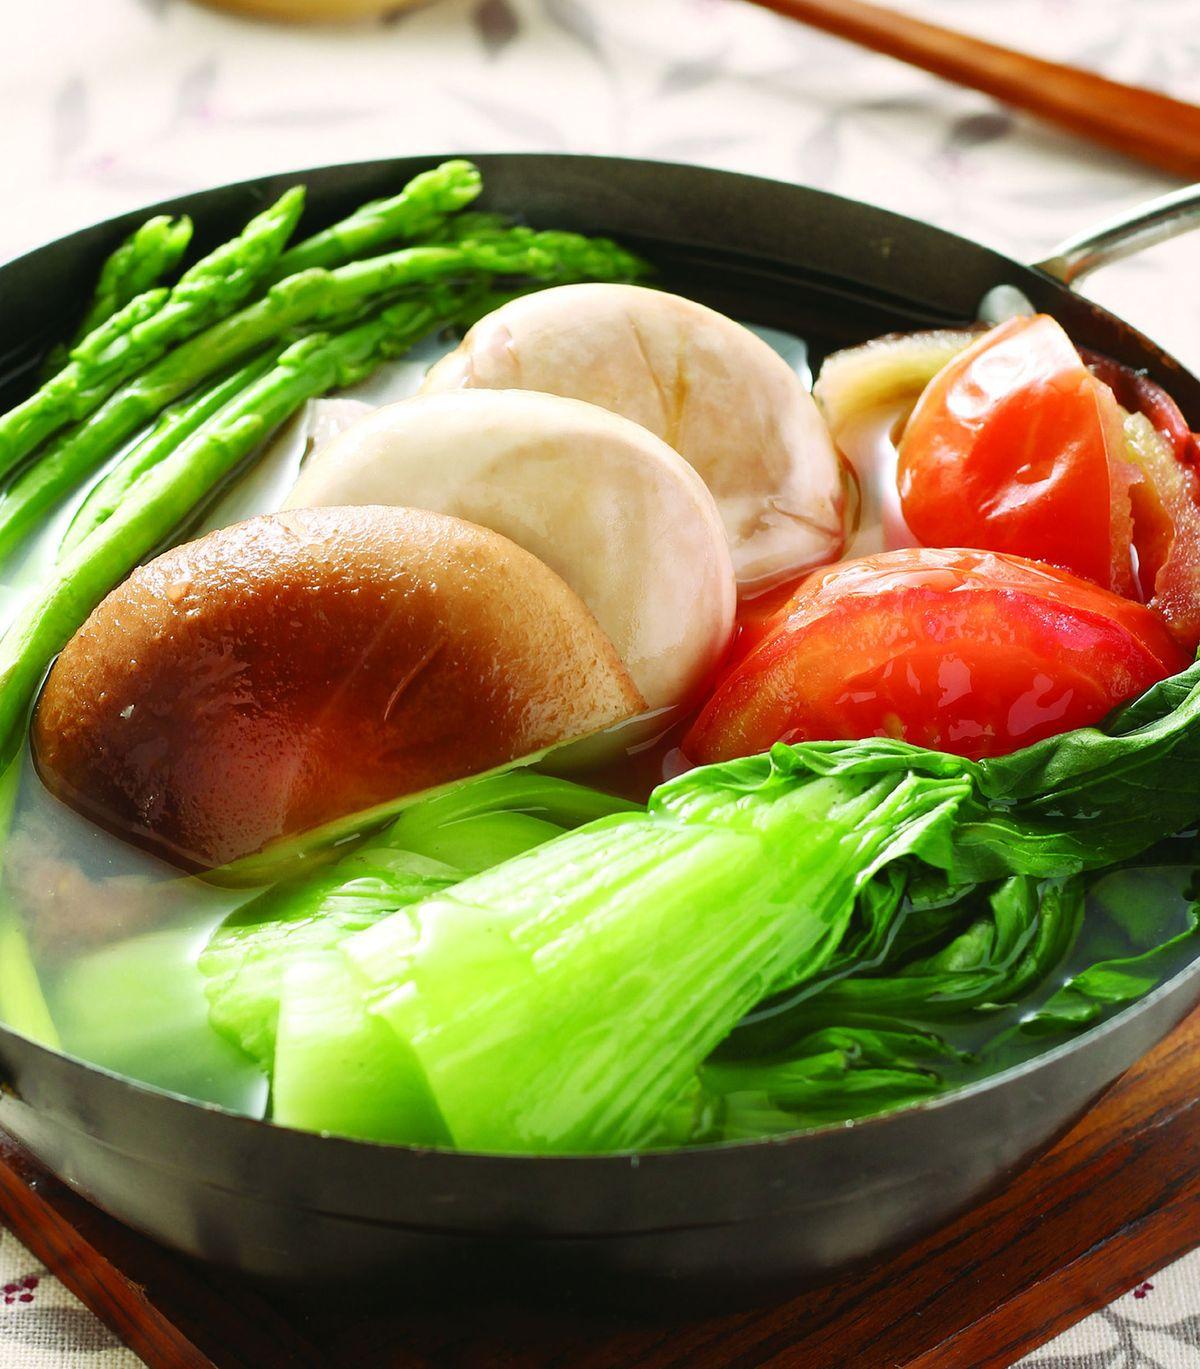 食譜:低脂翡翠野菜鍋